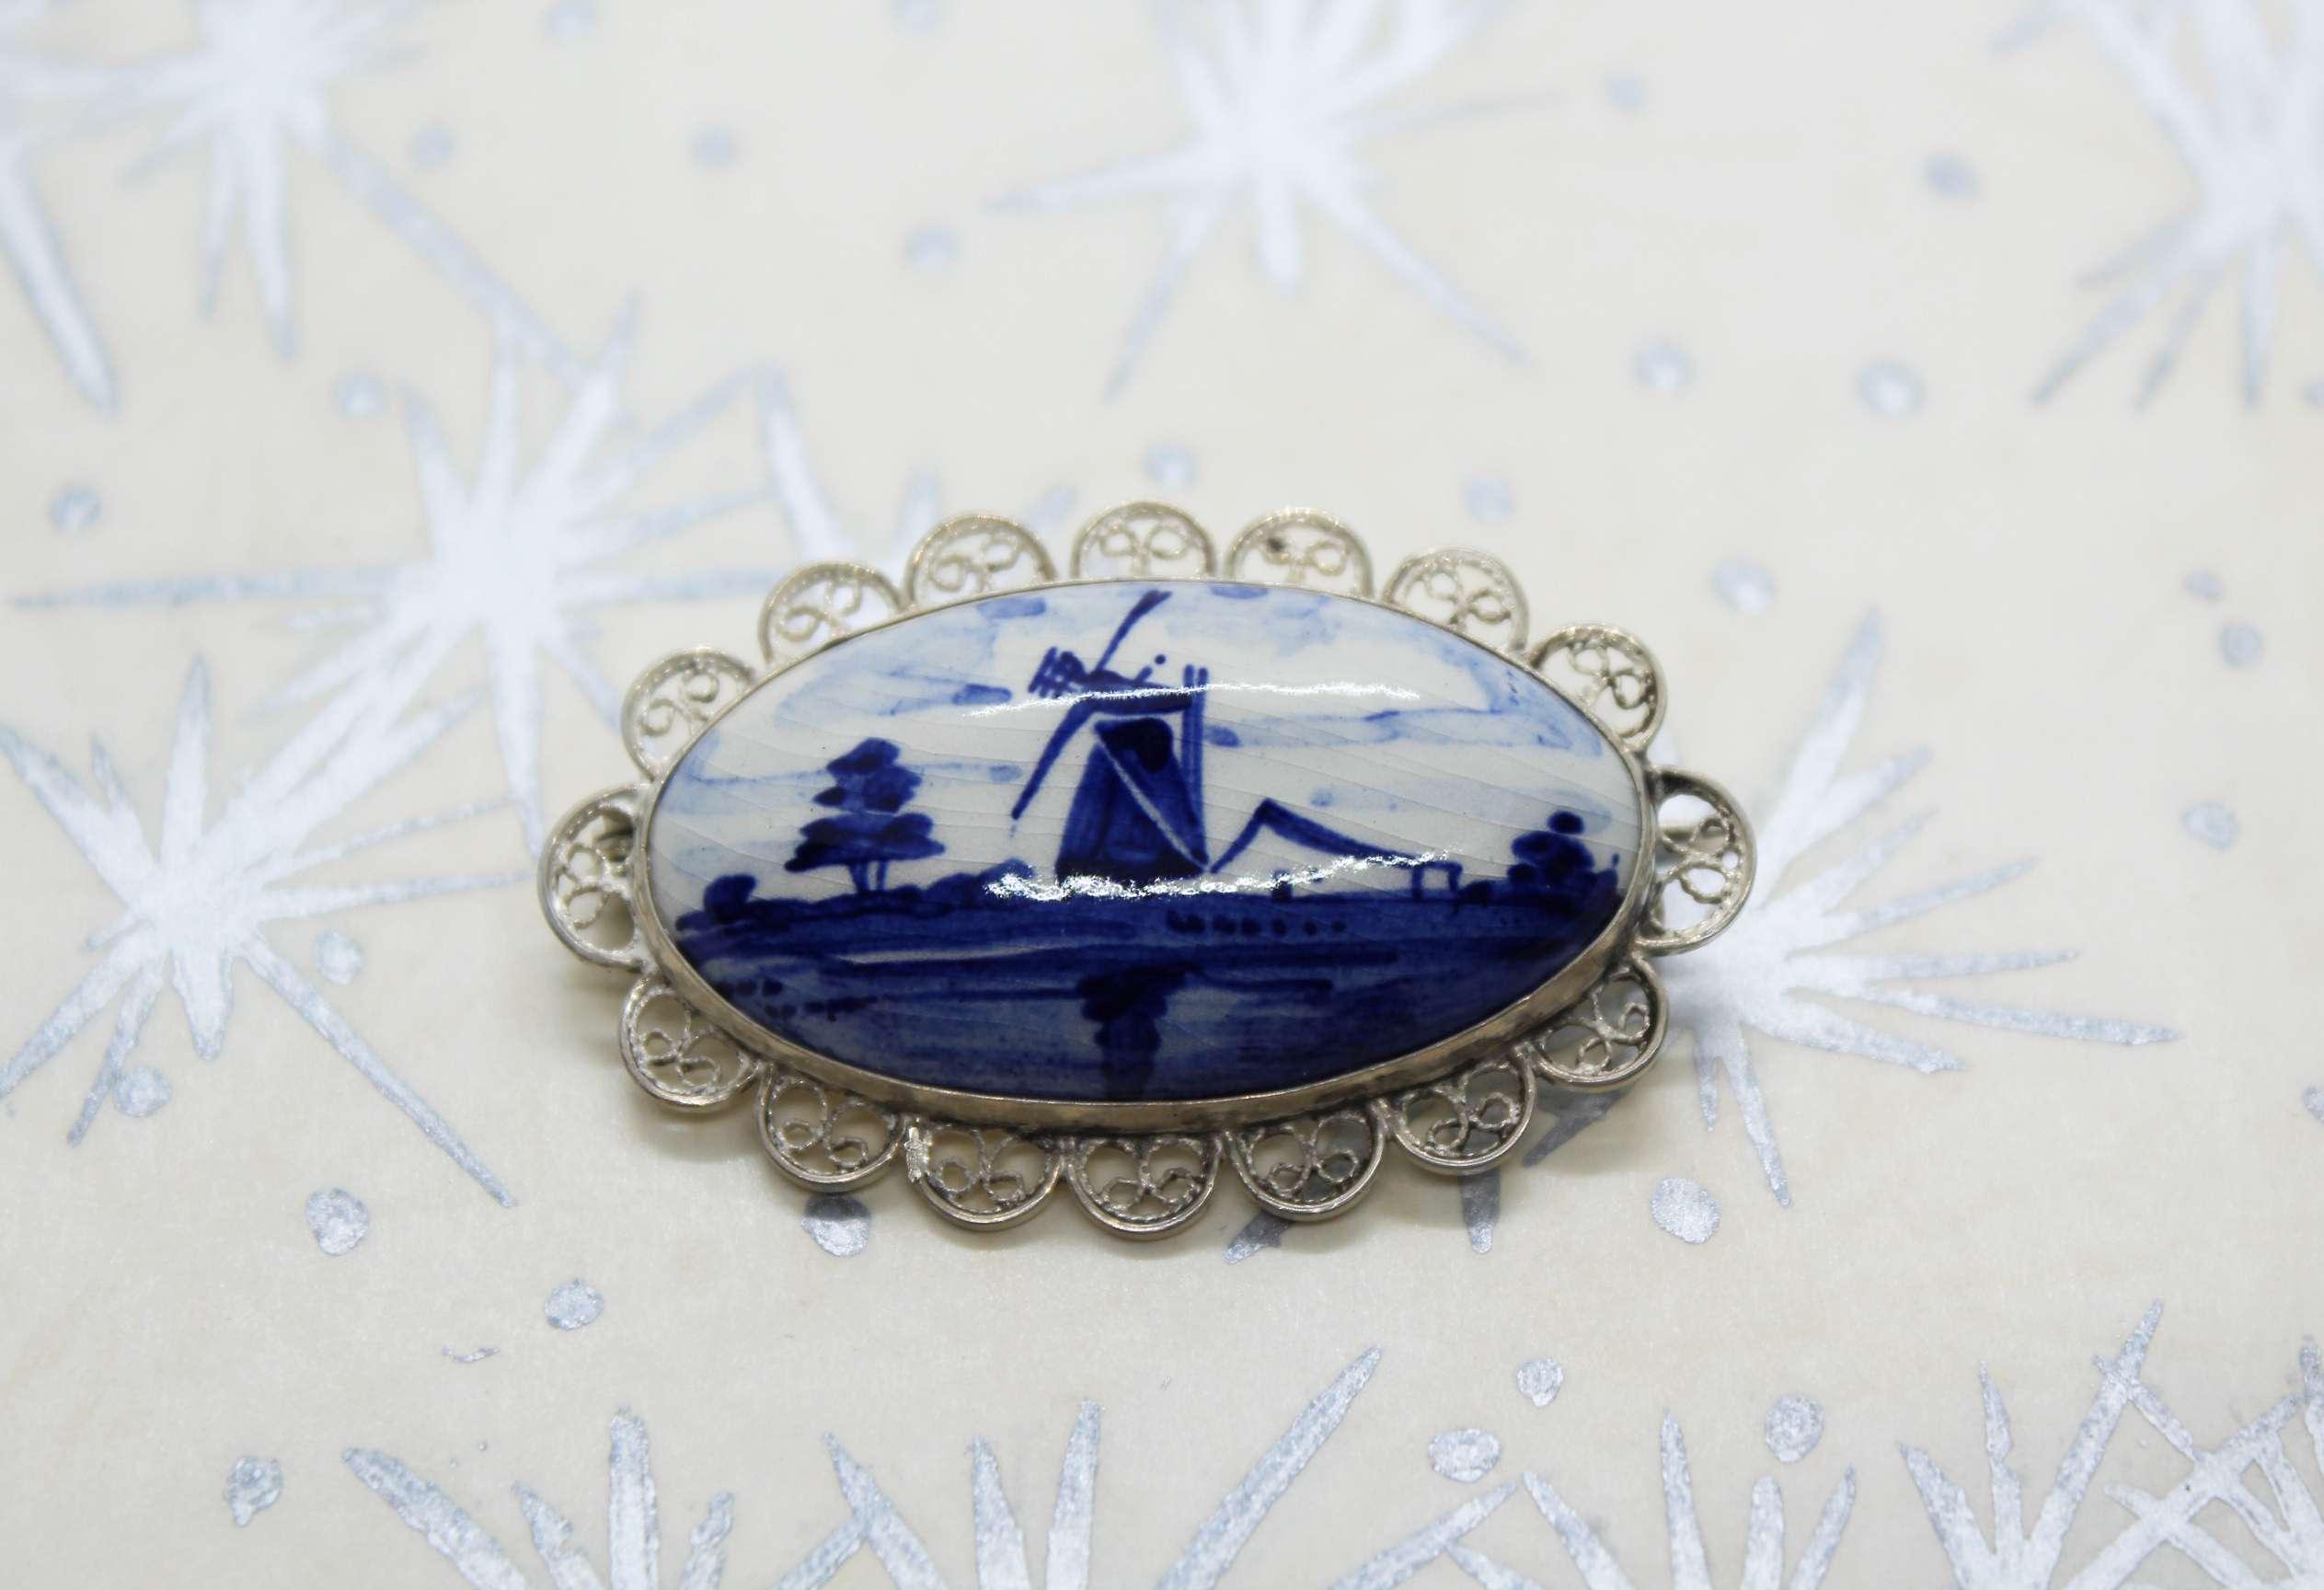 Vintage Ceramic & Silver Delft Windmill Brooch at Whispering City RVA